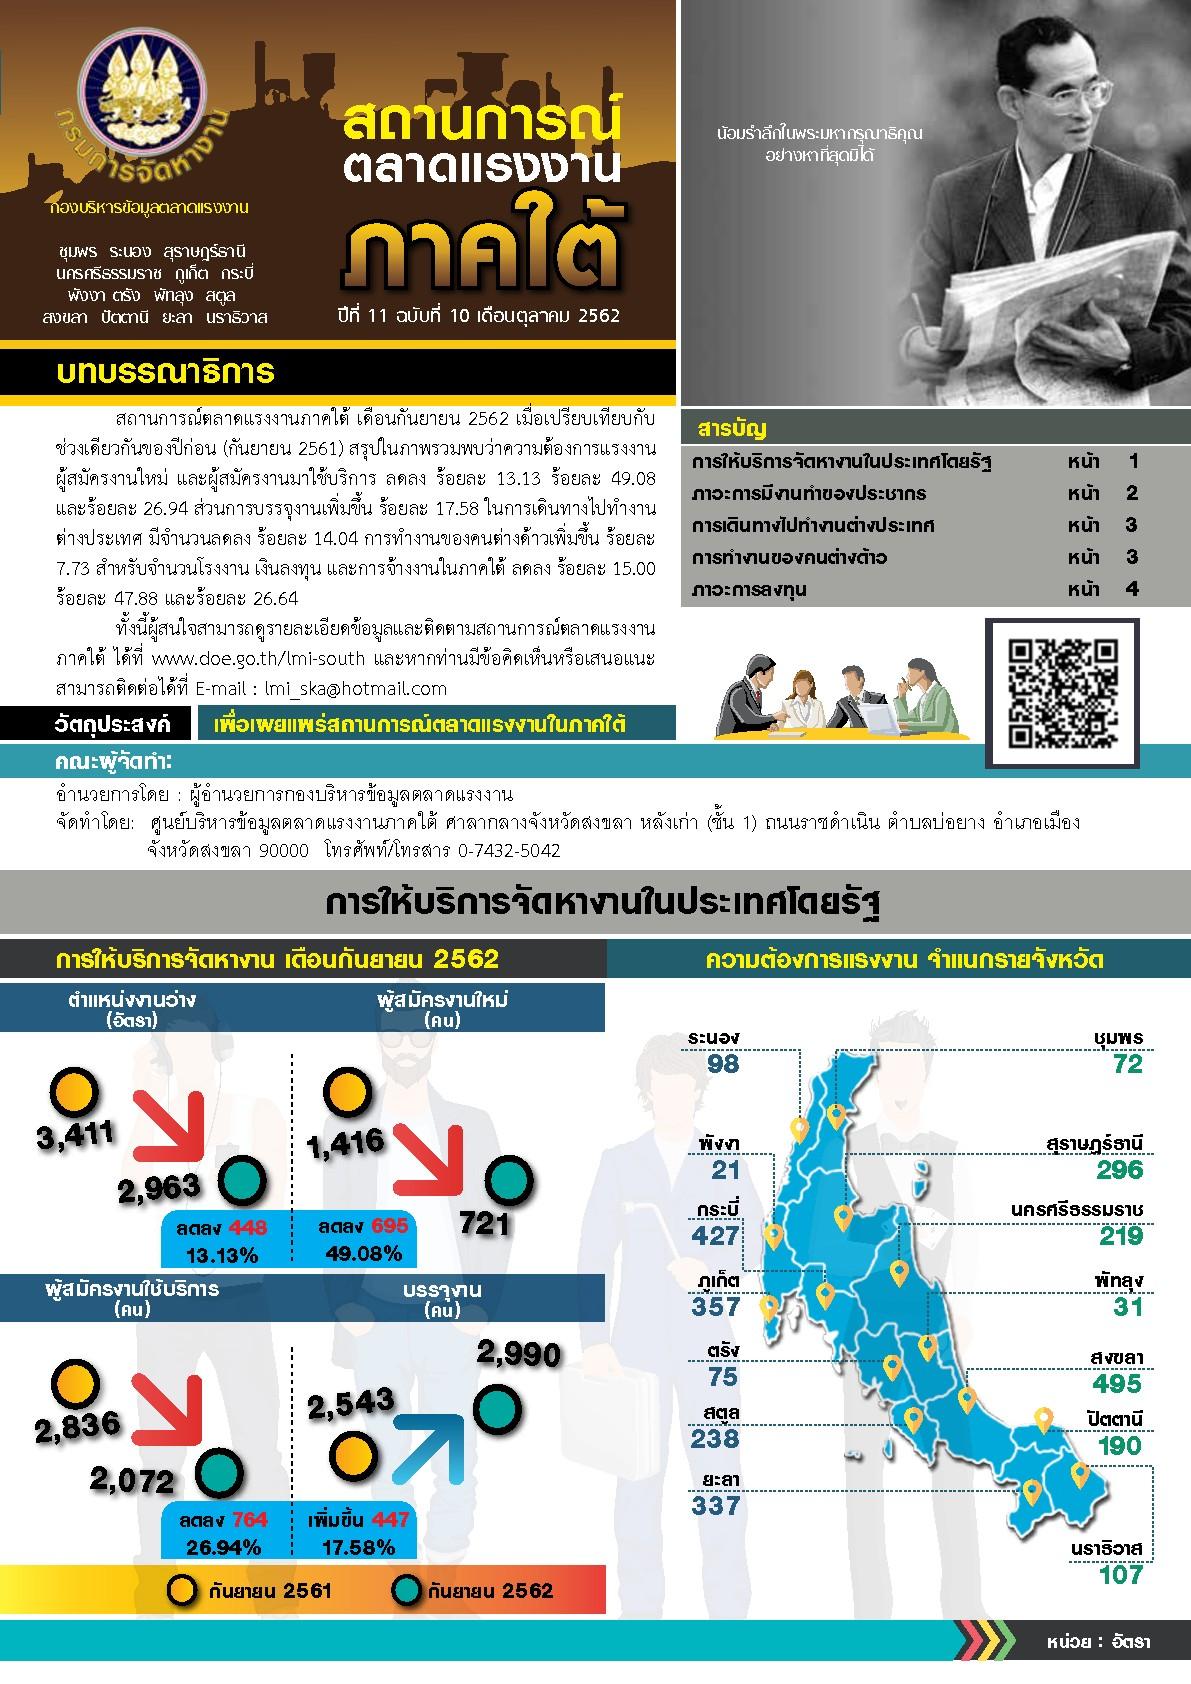 วารสารสถานการณ์ตลาดแรงงานภาคใต้ เดือนตุลาคม 2562